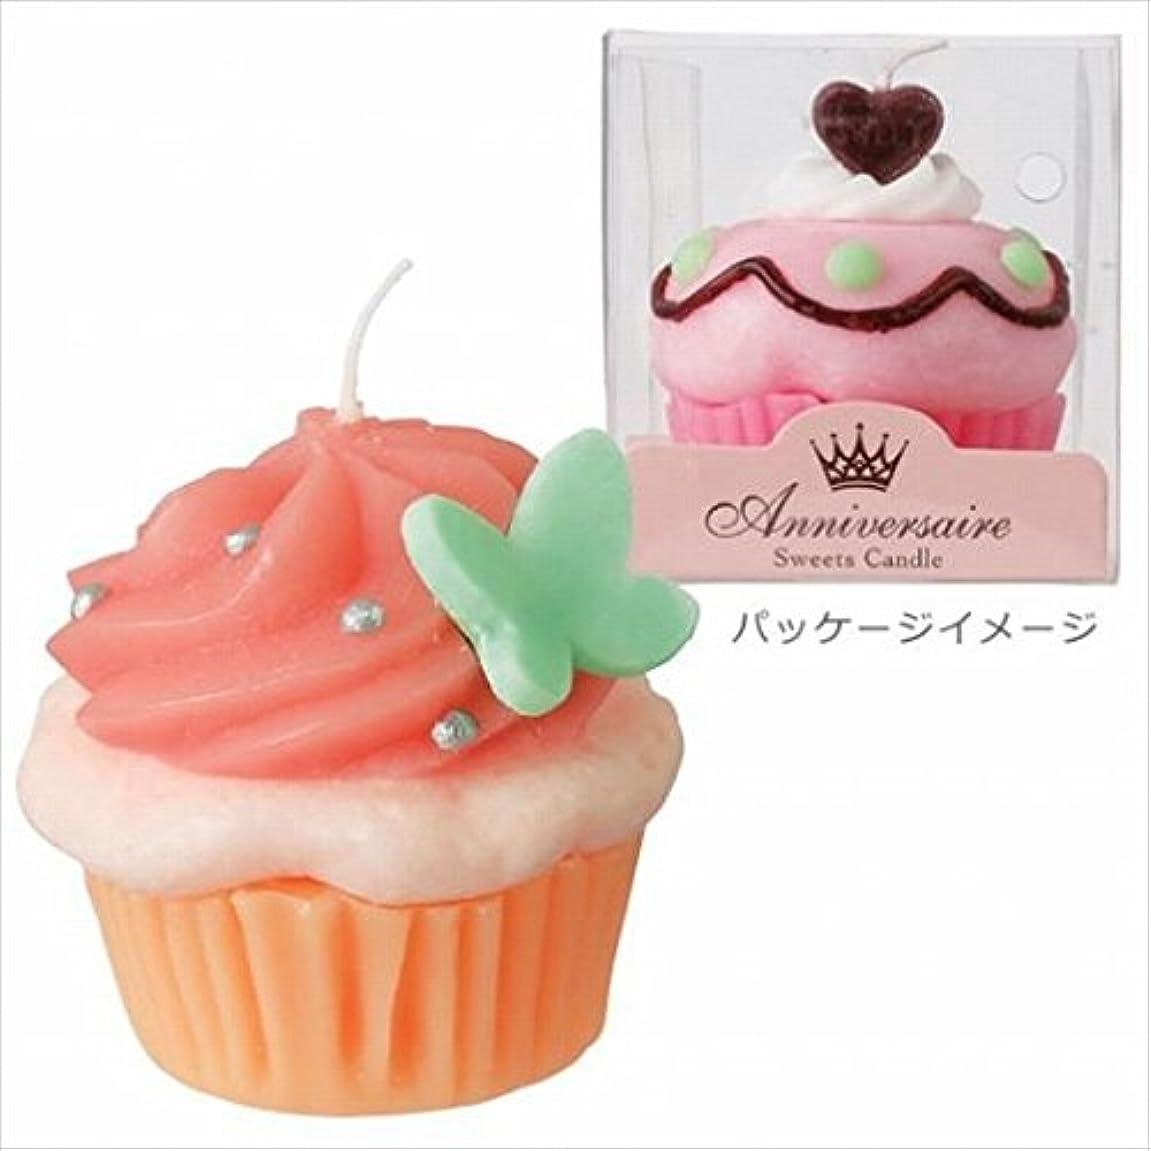 卑しいアプト支出カメヤマキャンドル( kameyama candle ) カップケーキキャンドル 「 ホイップベリー 」